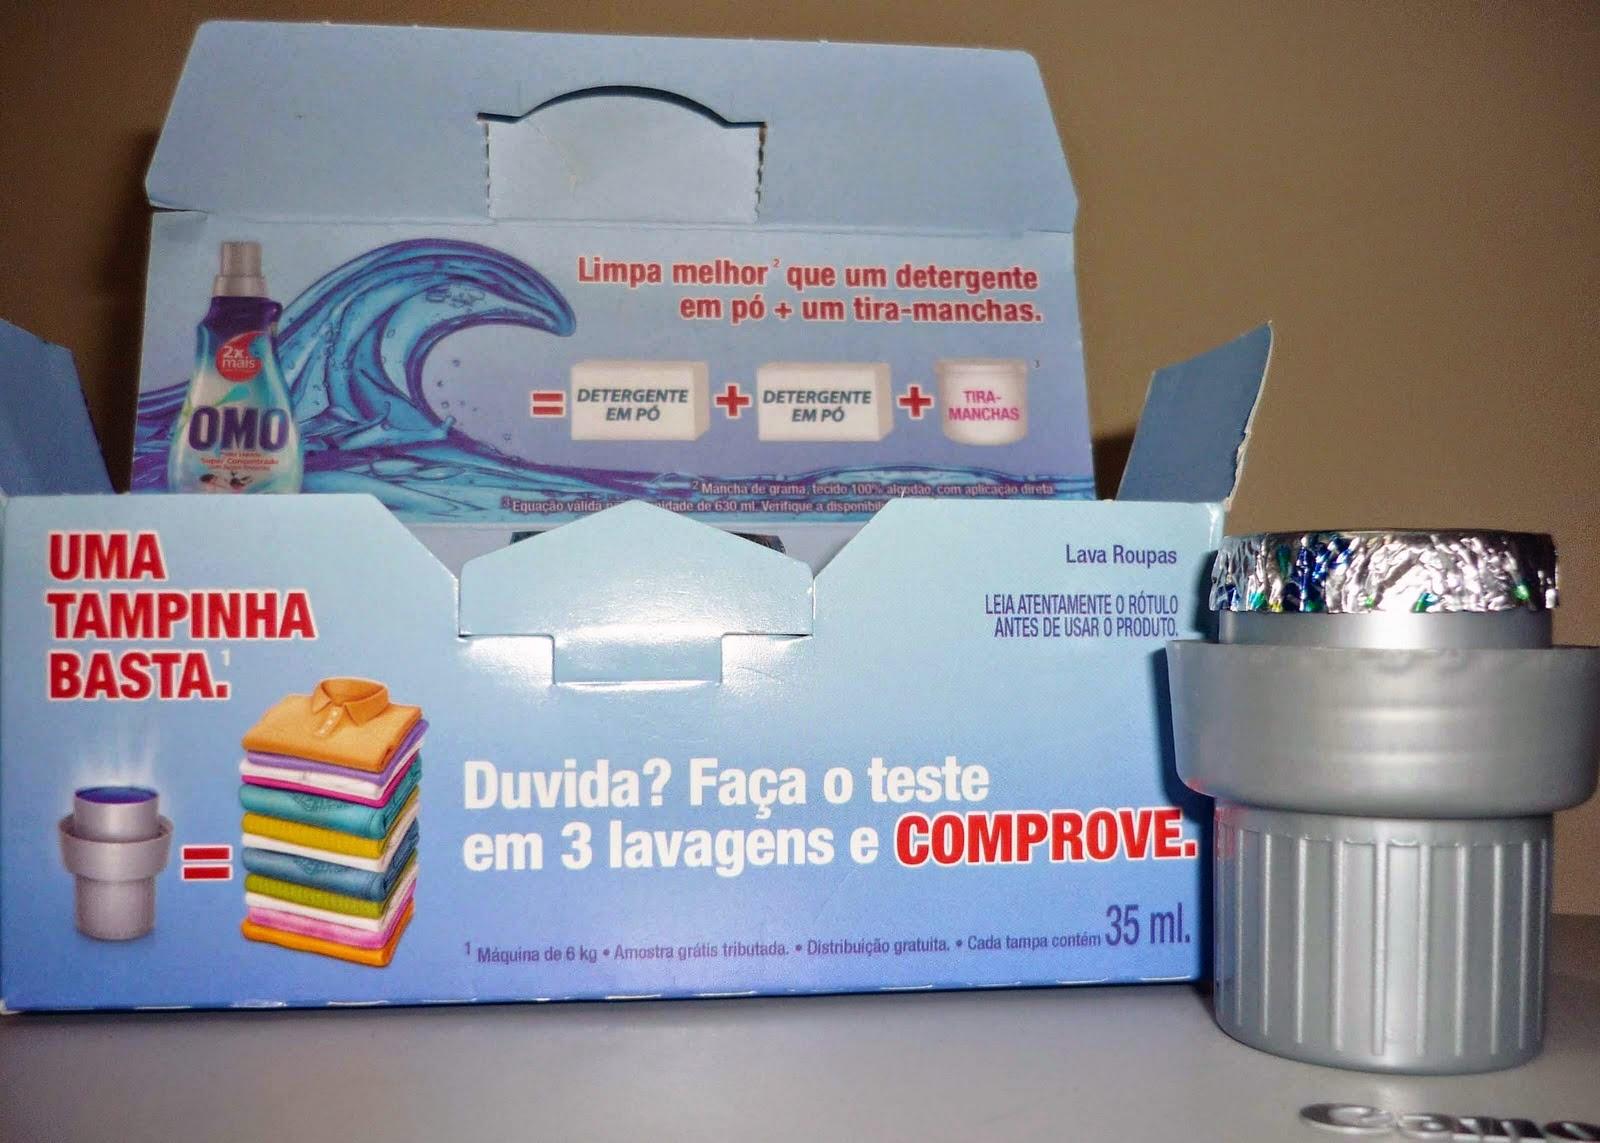 http://www.omo.com.br/fale-conosco/